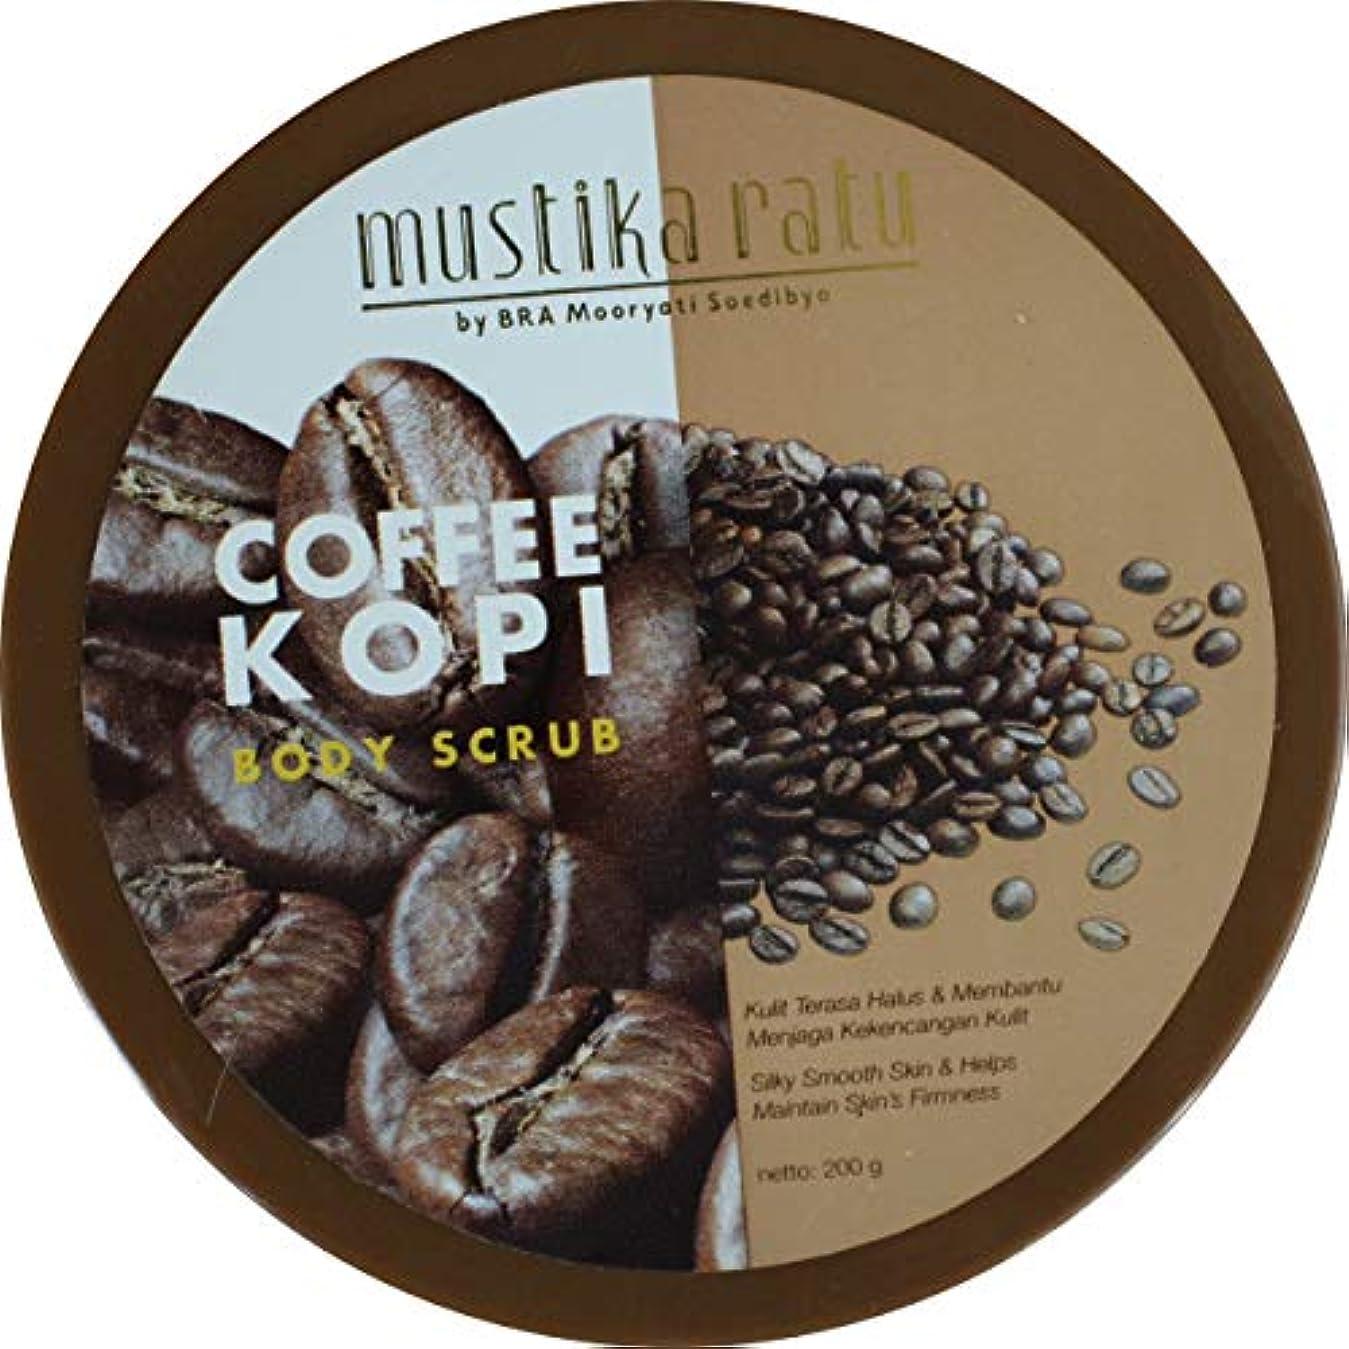 刺激するそれる逆Mustika Ratu インドネシア200グラム単位でのコーヒーボディスクラップ